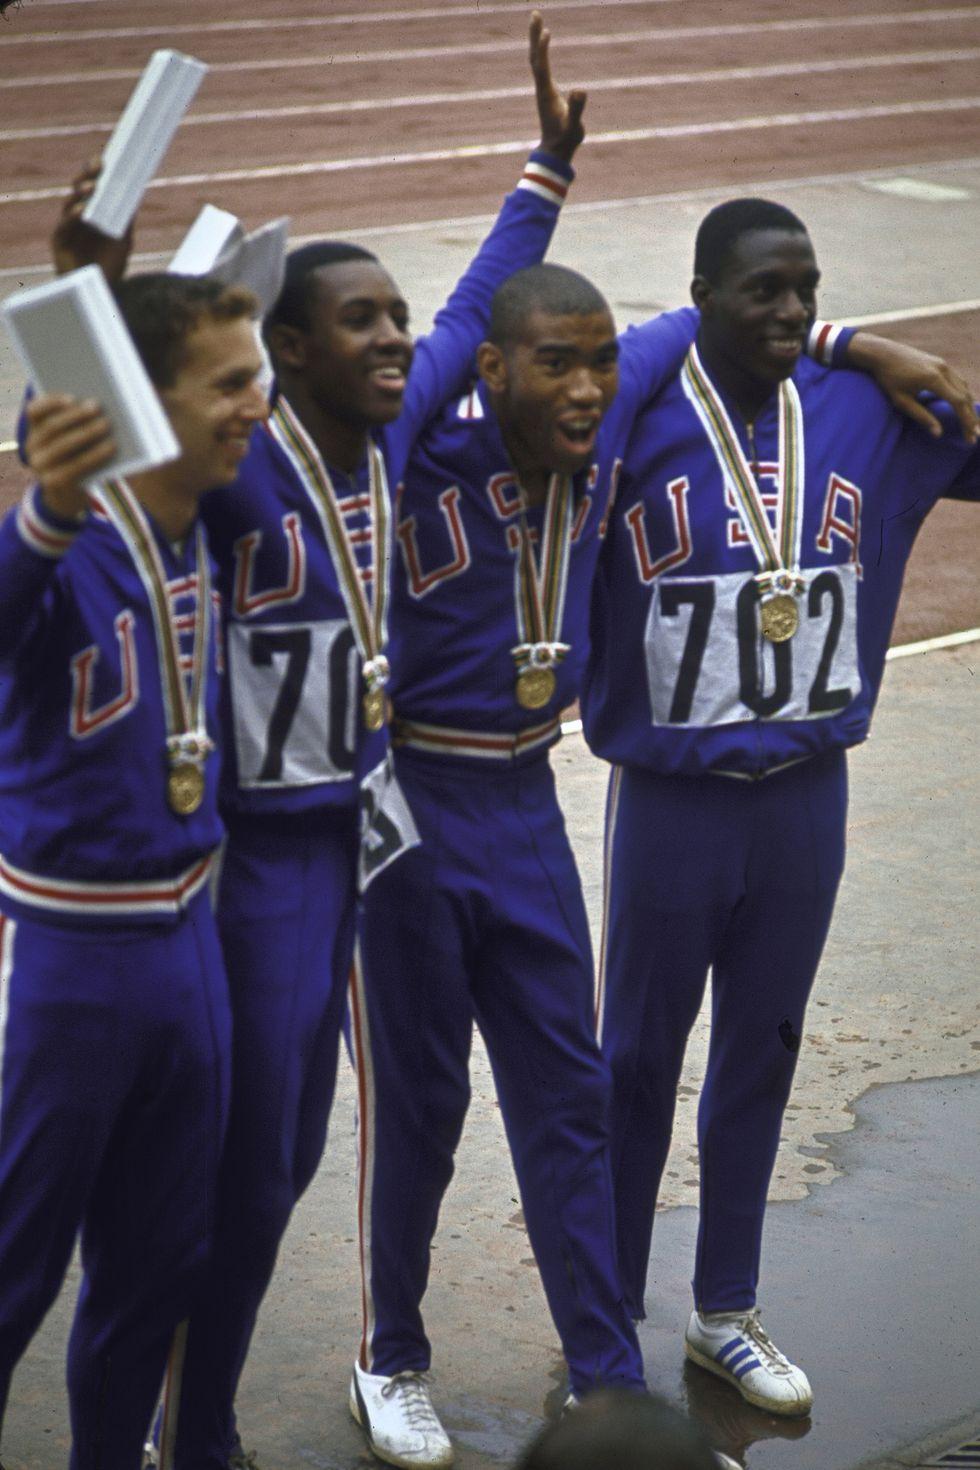 1964: Мъжкият отбор по лека атлетика на Америка Лекоатлетите на Америка биха сполучили и тази година с този класически анцуг, тъй като екипът няма как да бъде по-иконичен в комбинацията на синьо, бяло и червено.